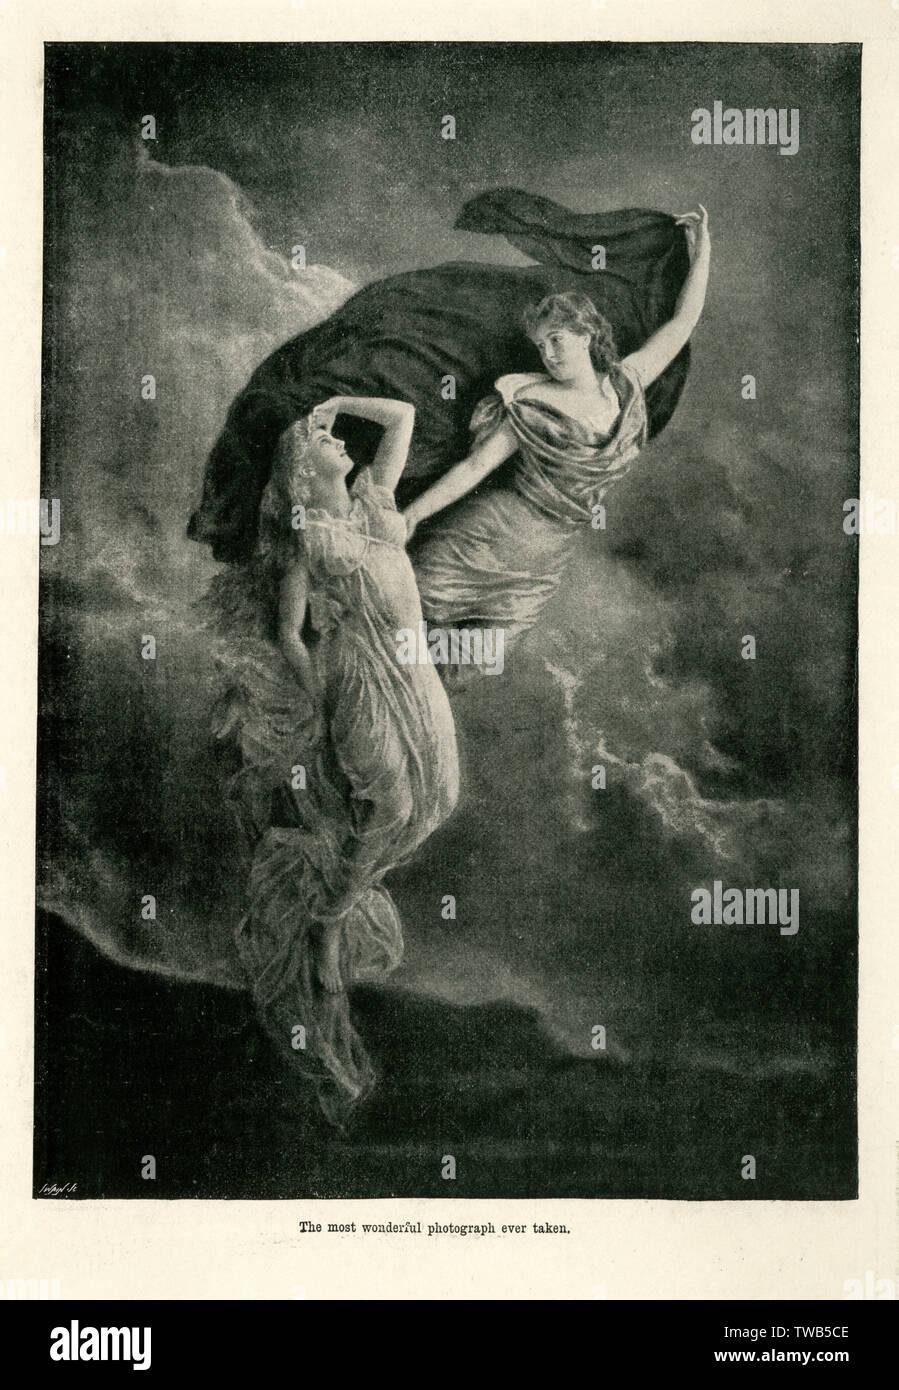 """Deux femmes apparaissent, angélique vêtue de matériau fluide qu'ils sont photographiés parmi les nuages. Le positionnement de la femme, comme s'ils flottent au-dessus de la terre contribue à leur apparence éthérée. Rédigé sous la photographie, il est décrit comme """"la plus belle photo jamais prise."""" 19e siècle Photo Stock"""